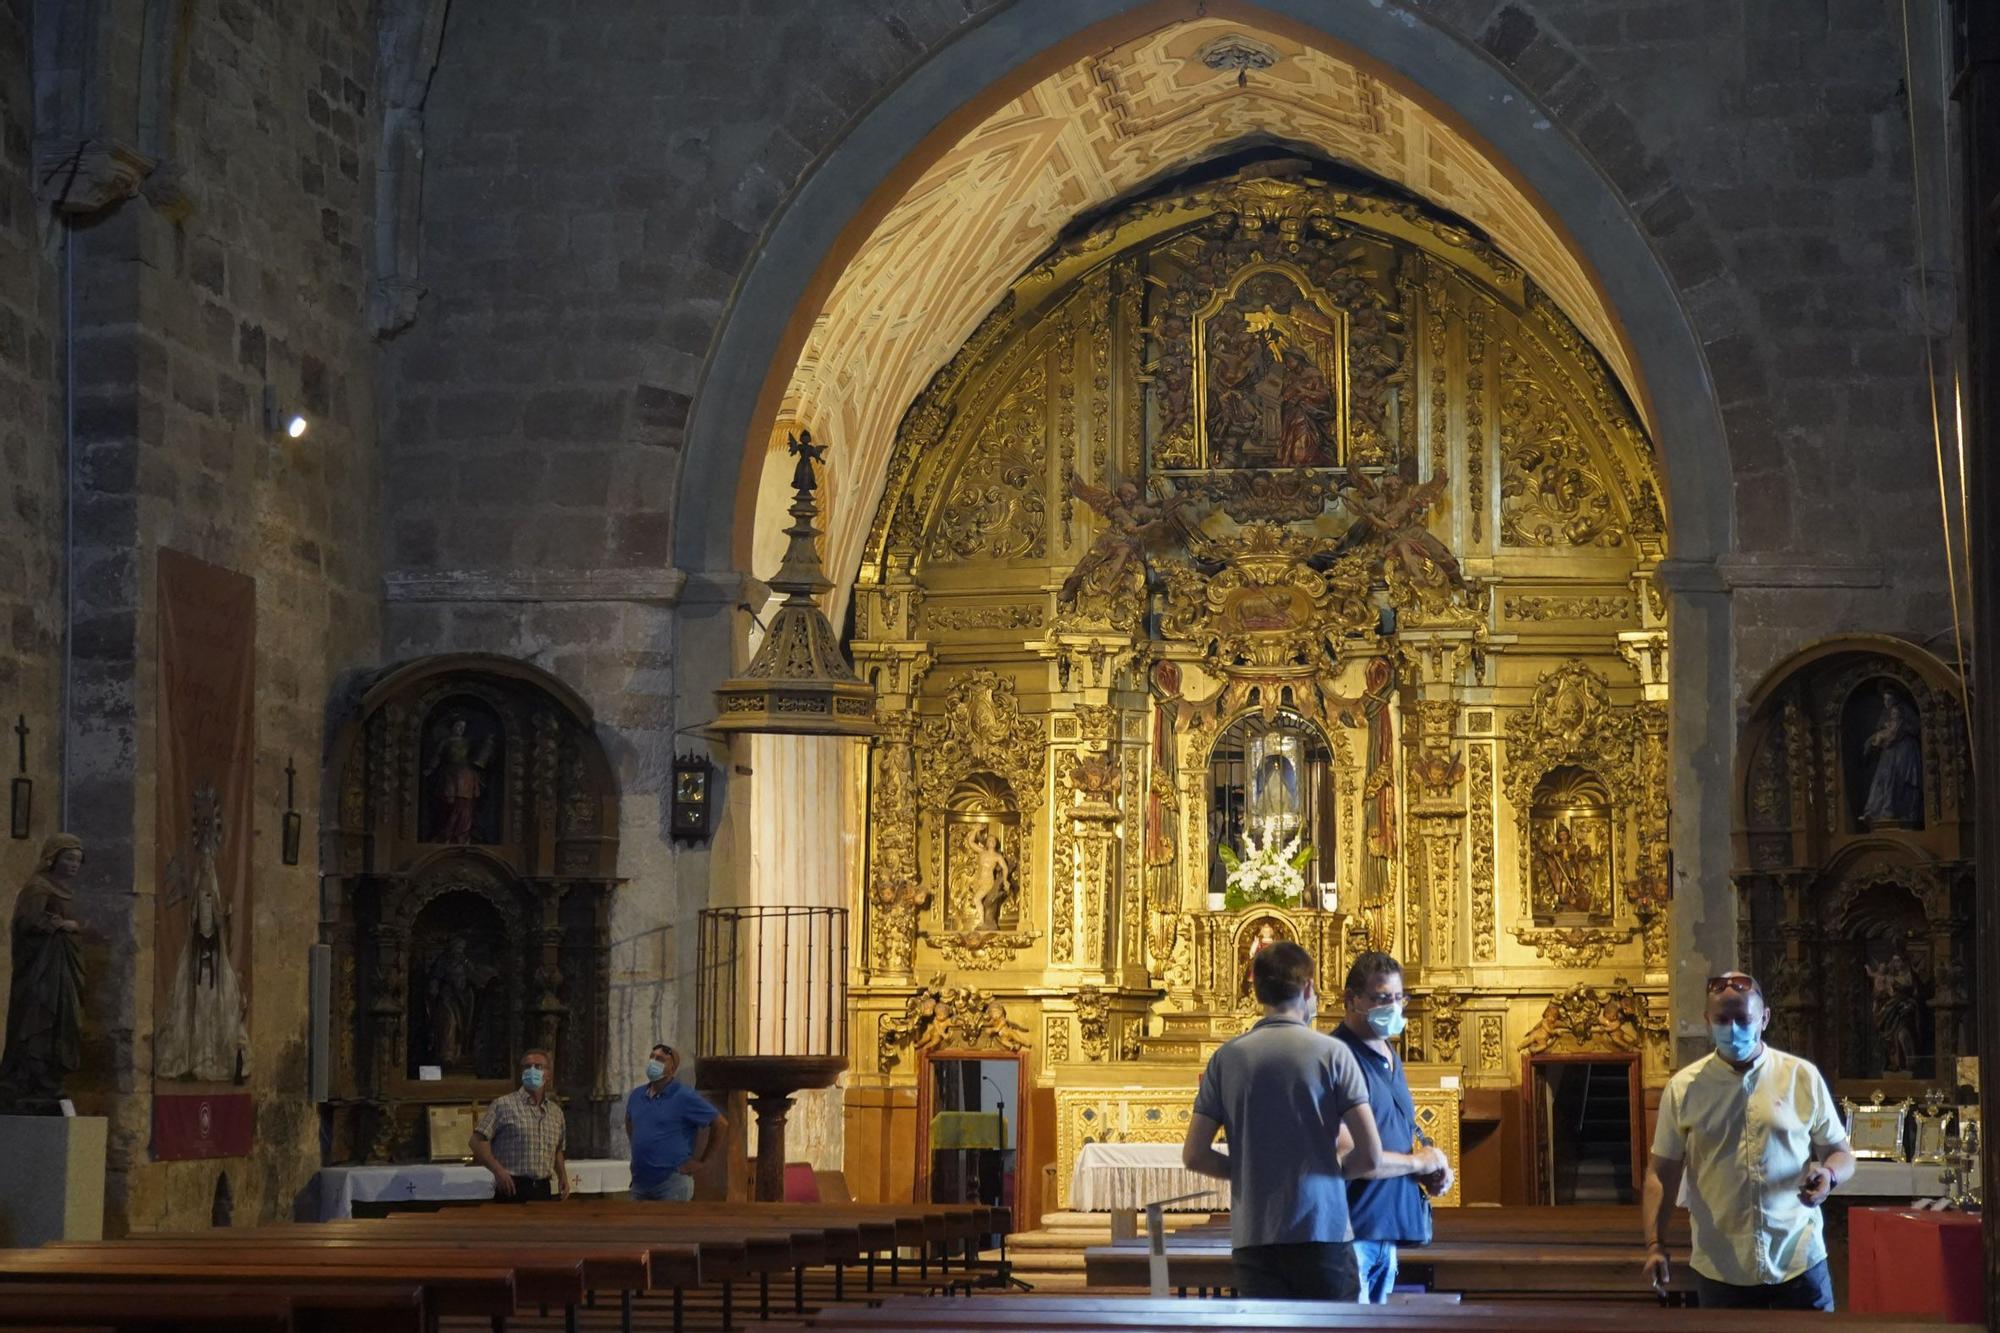 Las mejores imágenes de los tesoros que esconde la iglesia de La Hiniesta